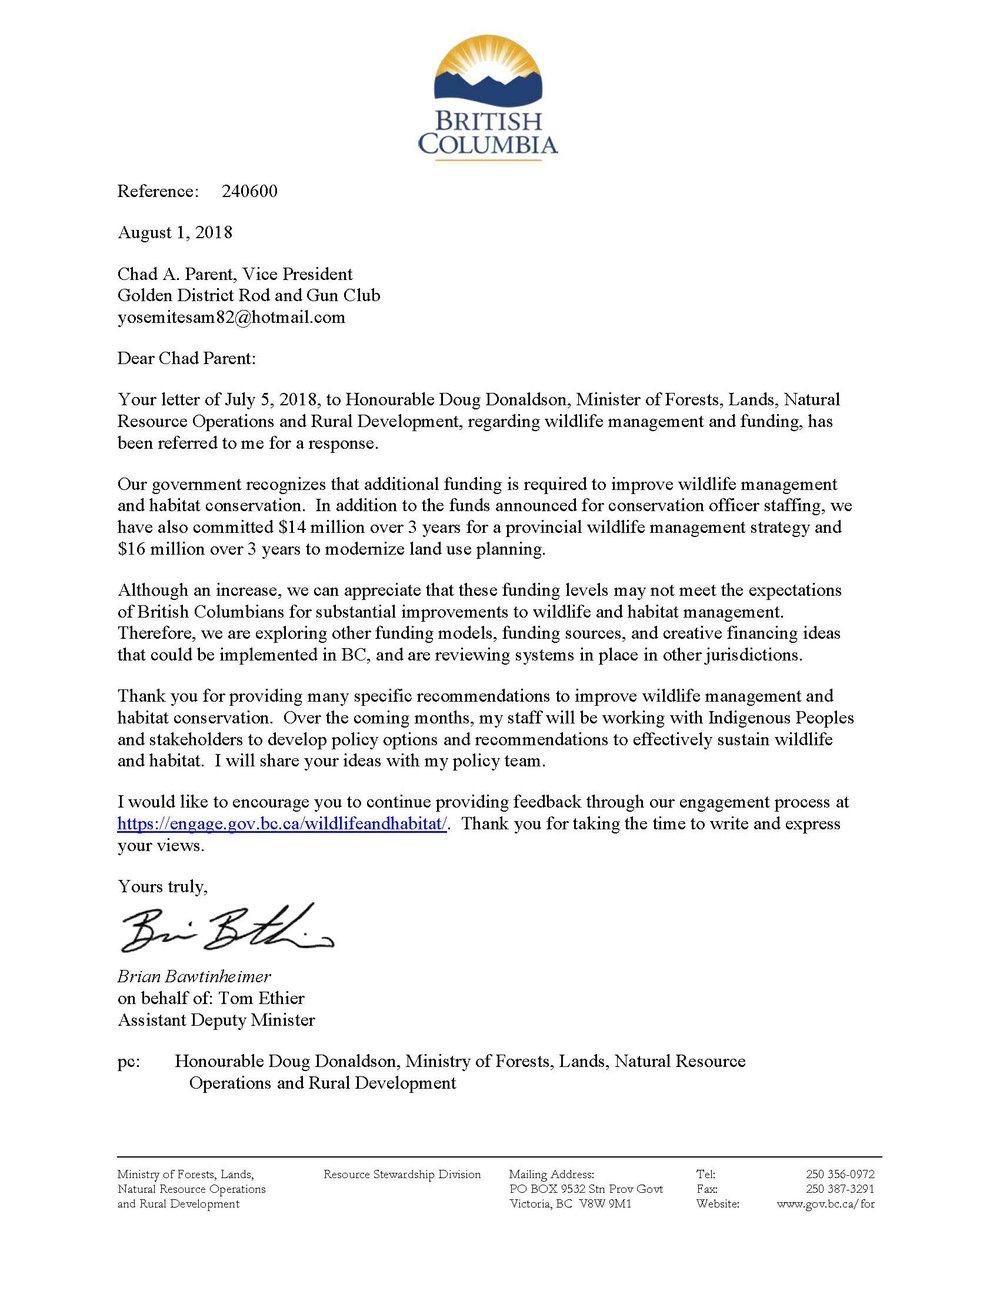 Wildlife Funding Letter-response.jpg